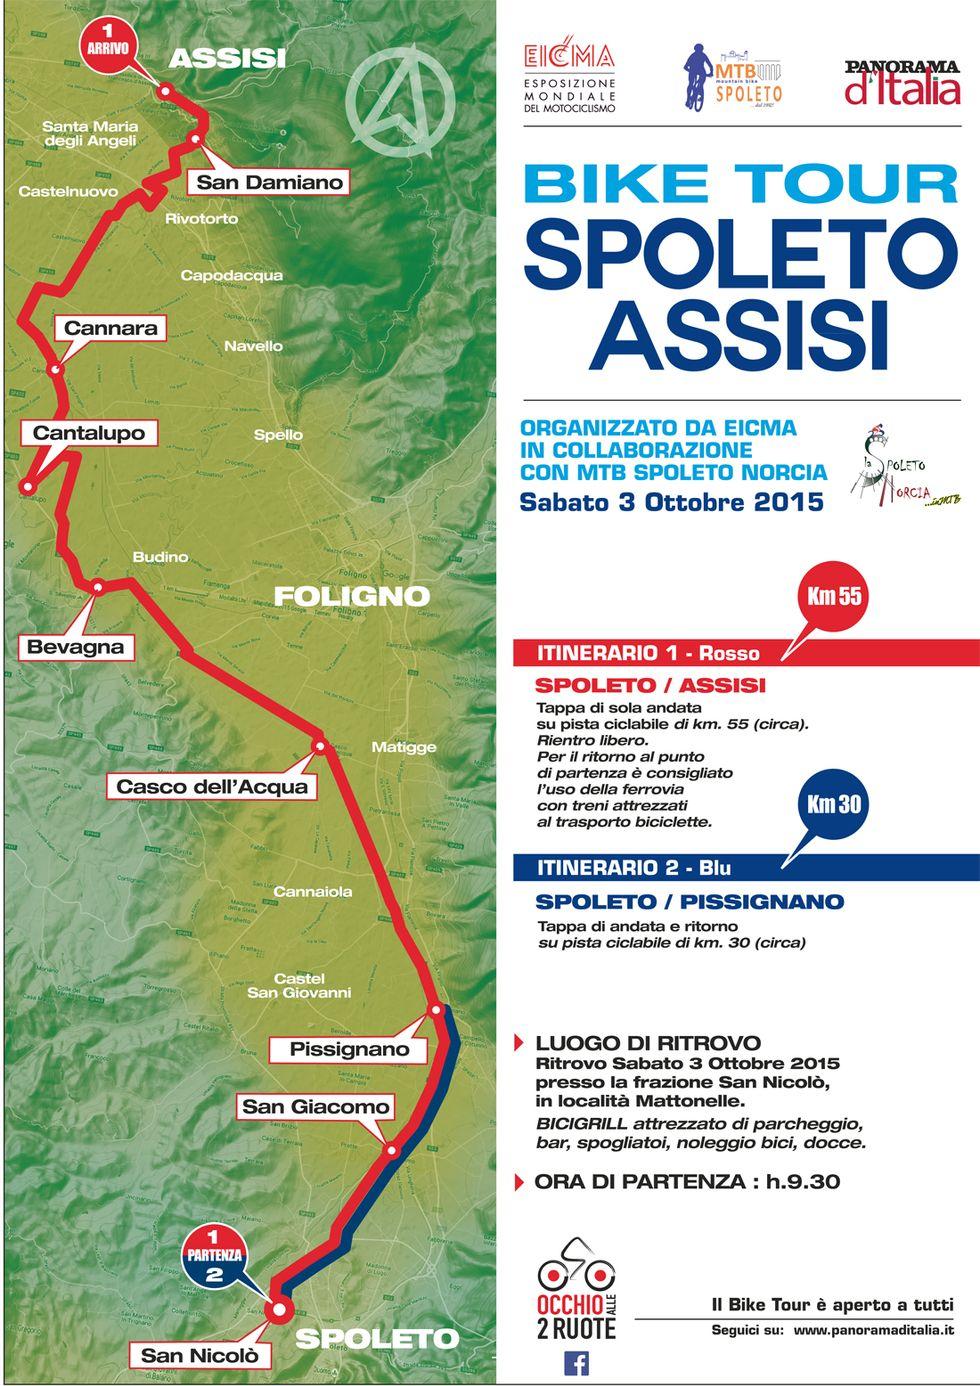 bike-tour-spoleto